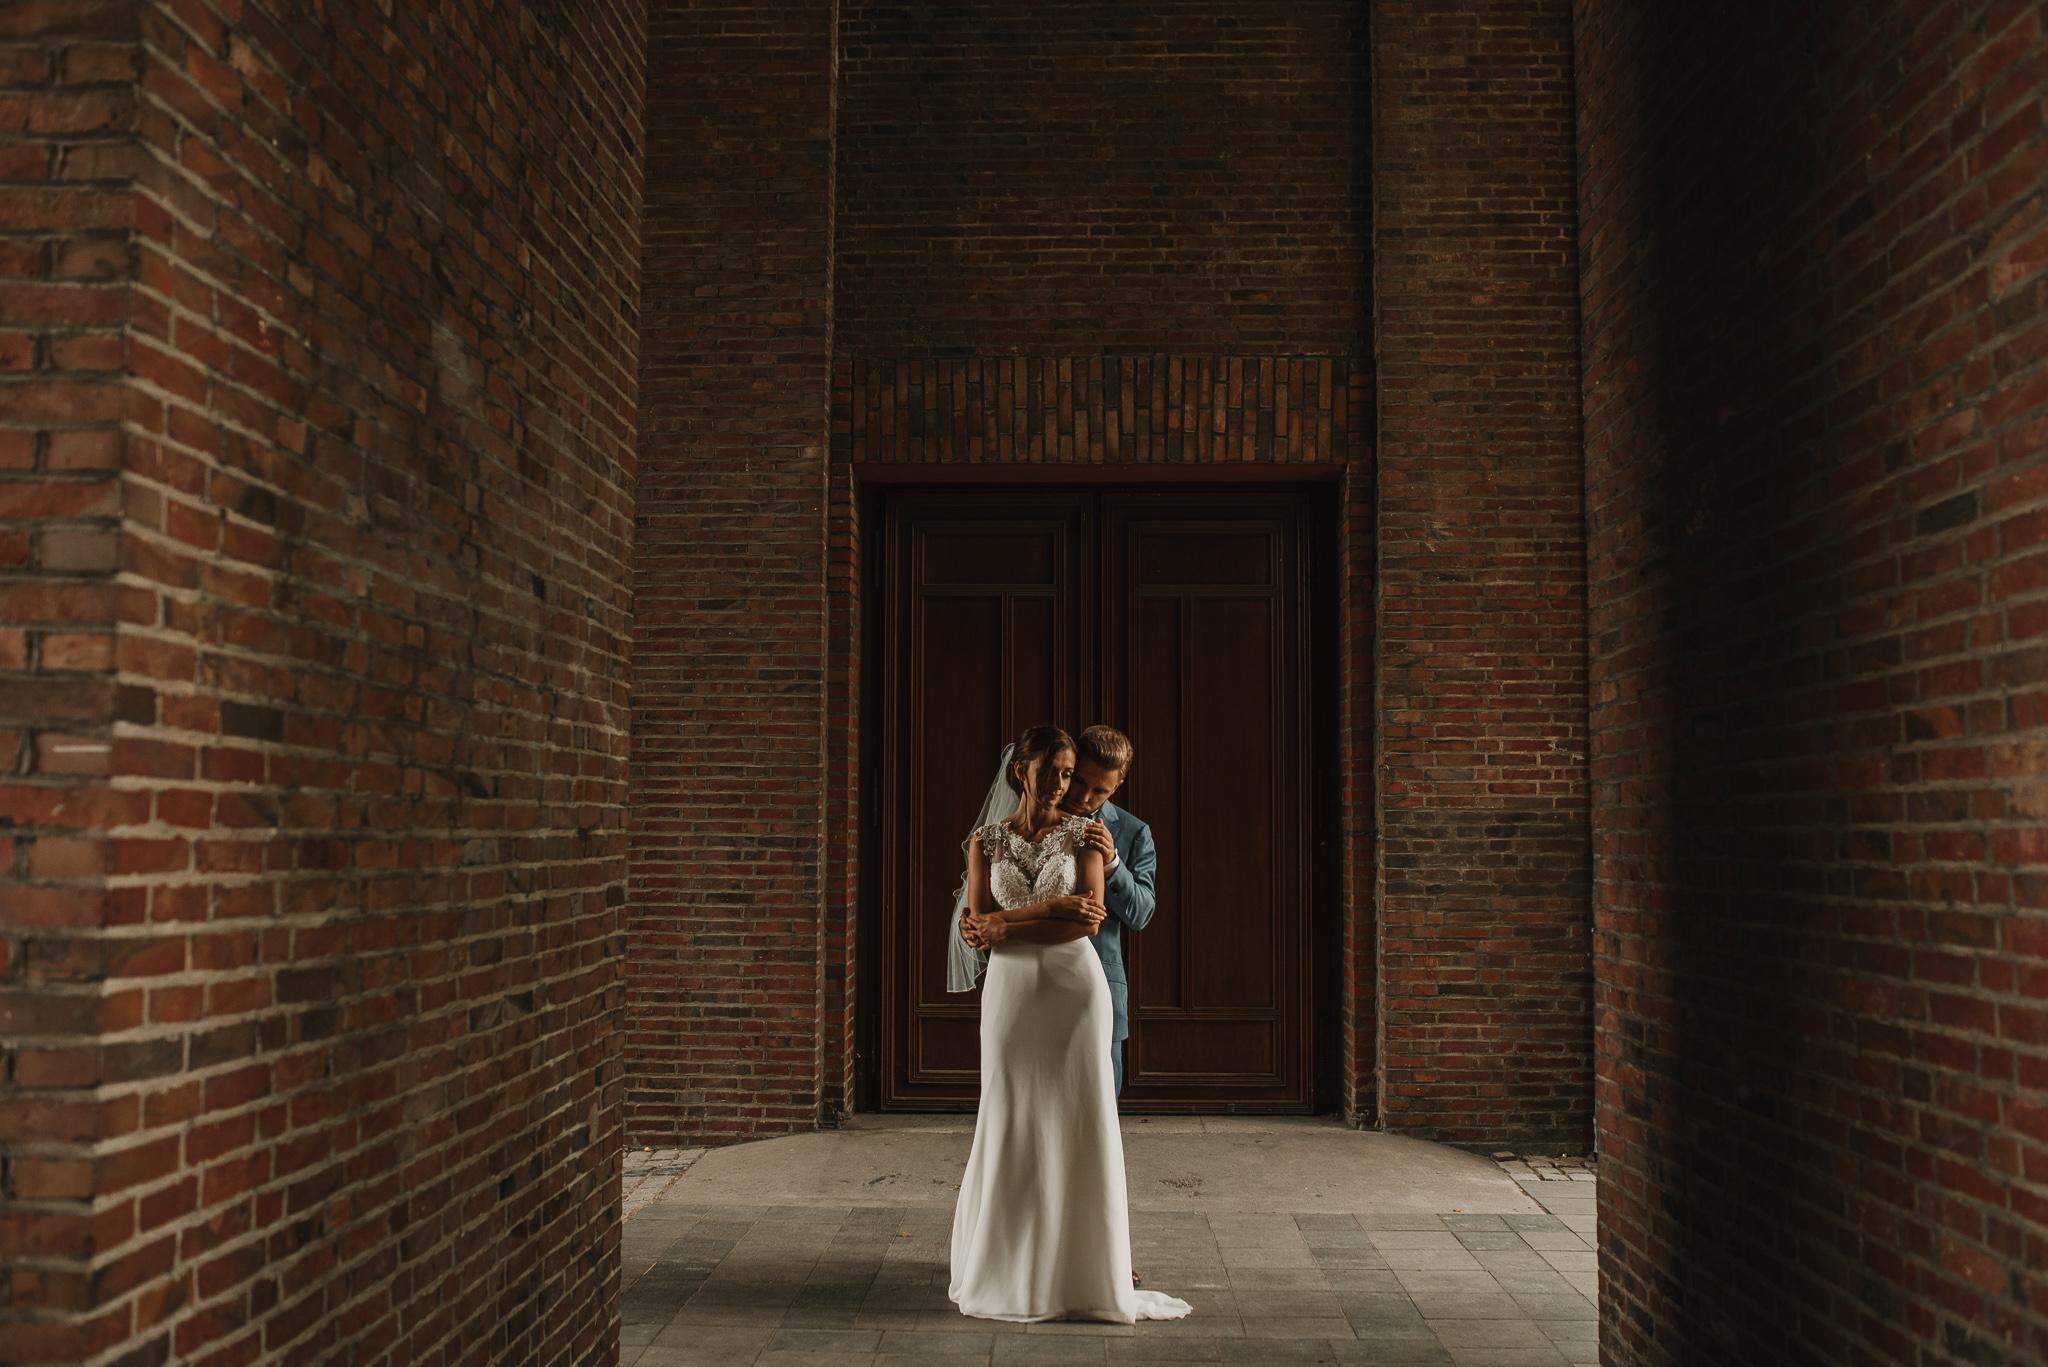 Dusseldorf wedding